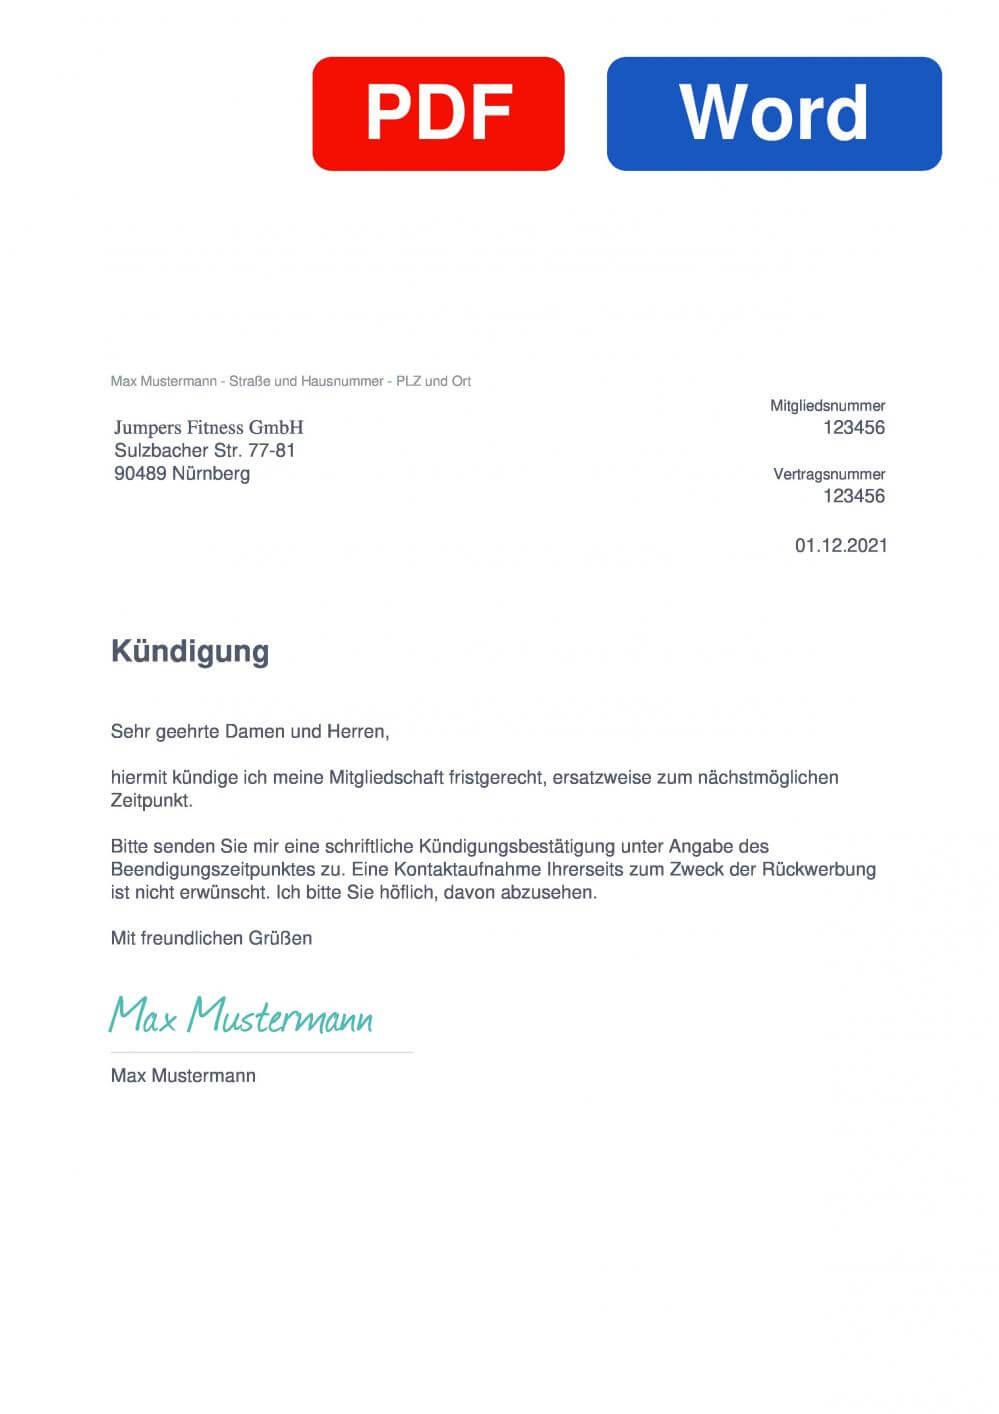 jumpers Fitness Nürnberg Muster Vorlage für Kündigungsschreiben